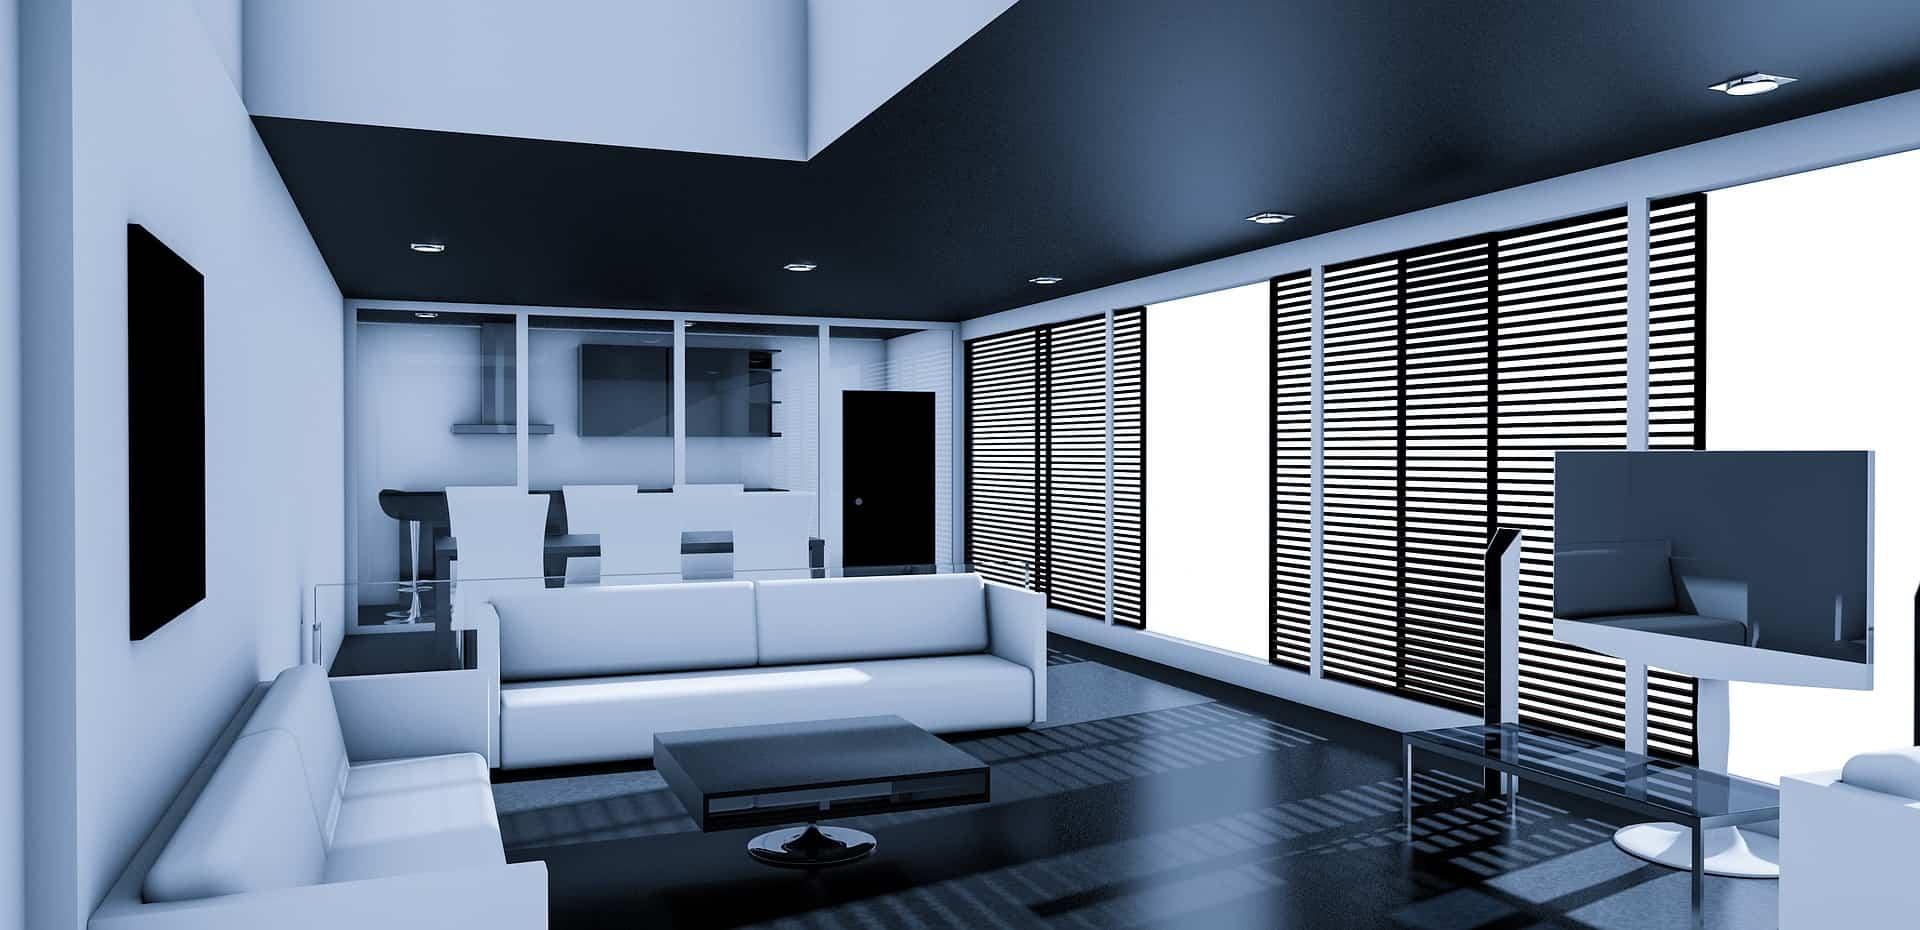 5 objetos imprescindibles en tu salón para que se vea elegante